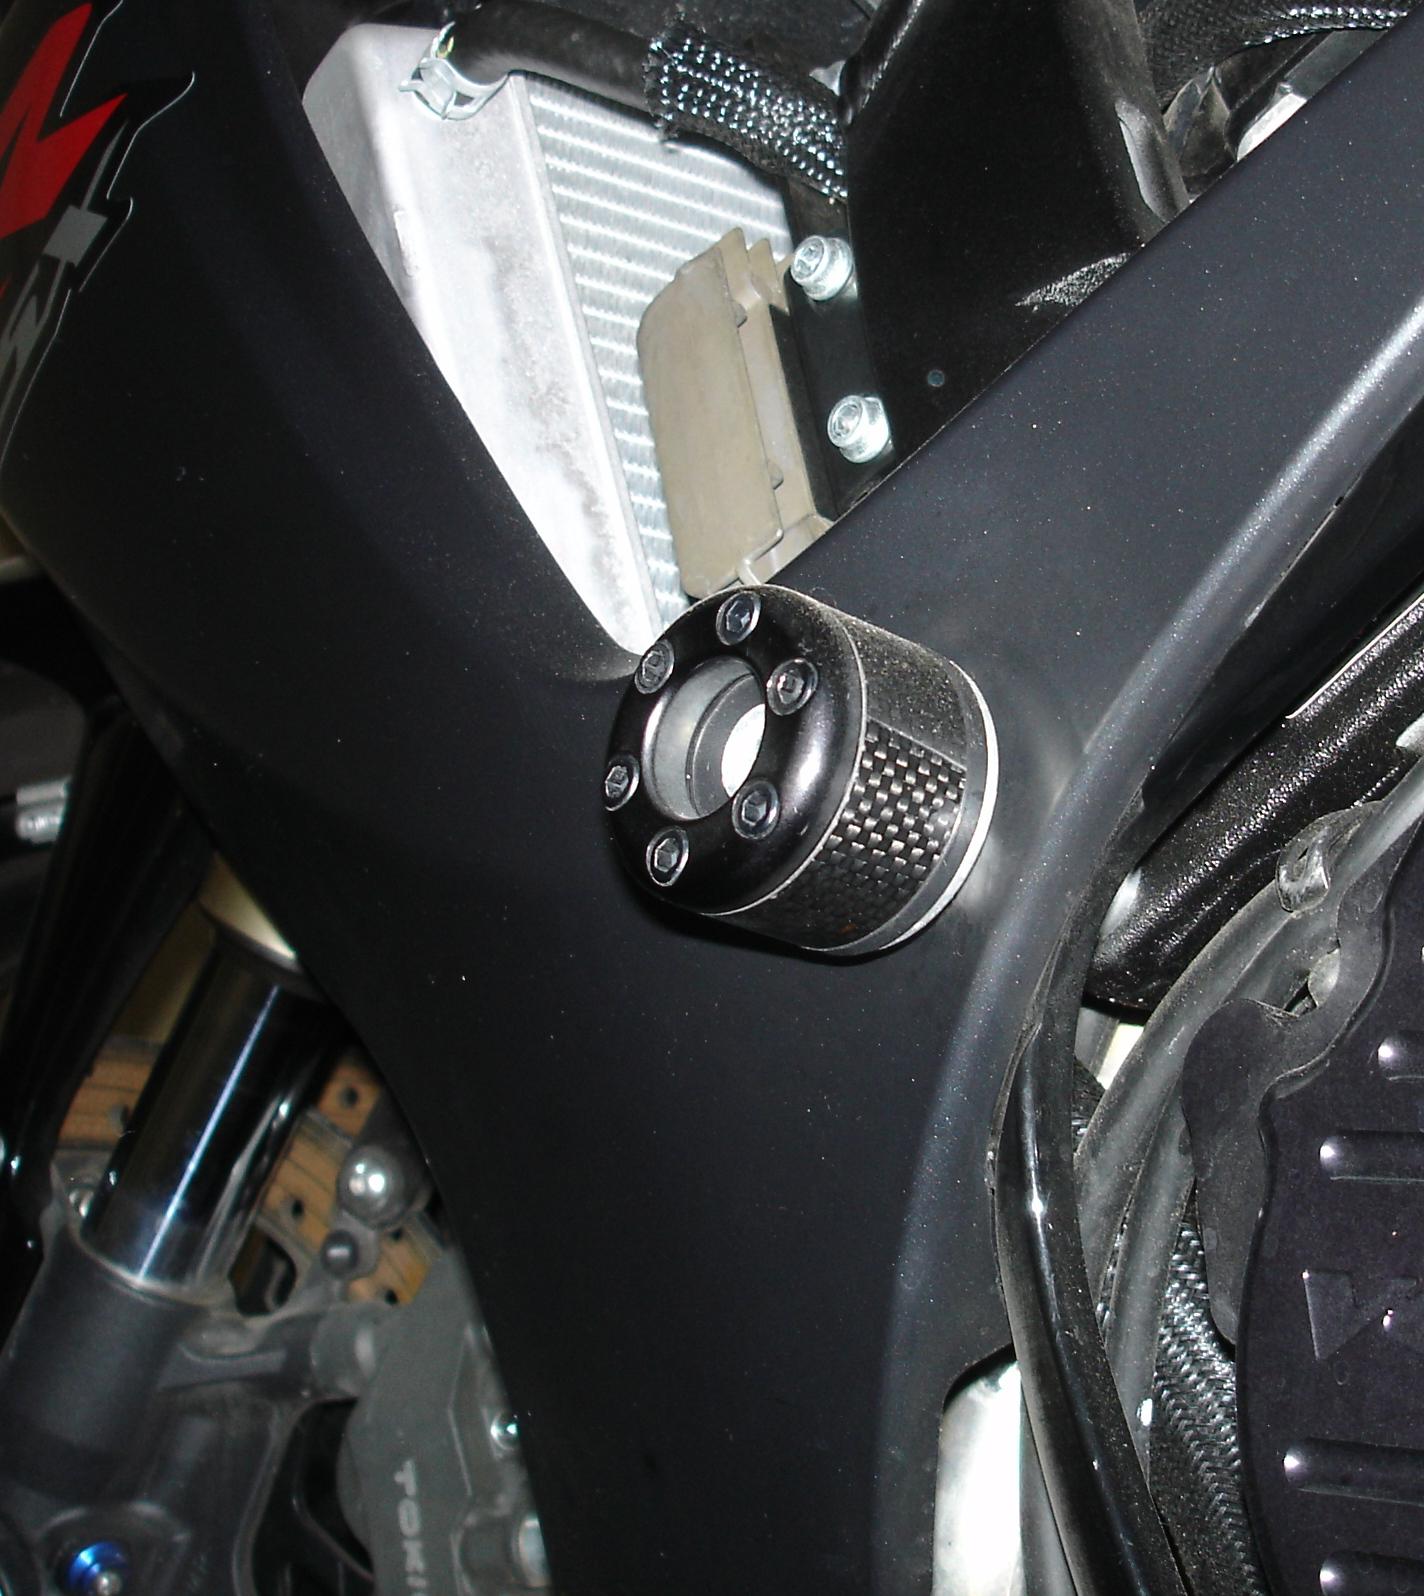 2007 GSXR 750 Vortex Frame Sliders - Sportbikes.net